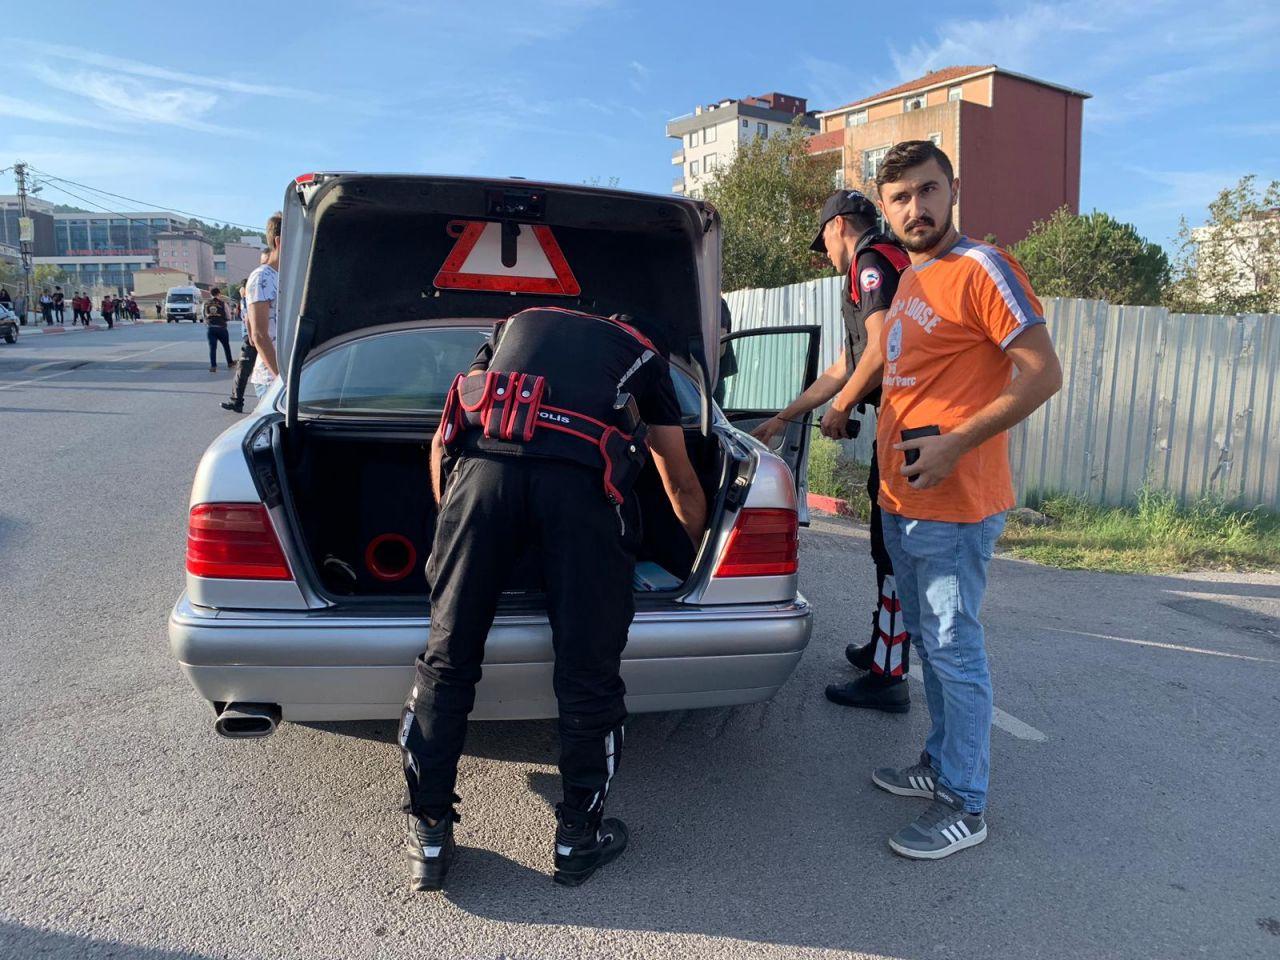 İstanbul polis okul çevrelerinde denetimlere devam ediyor...